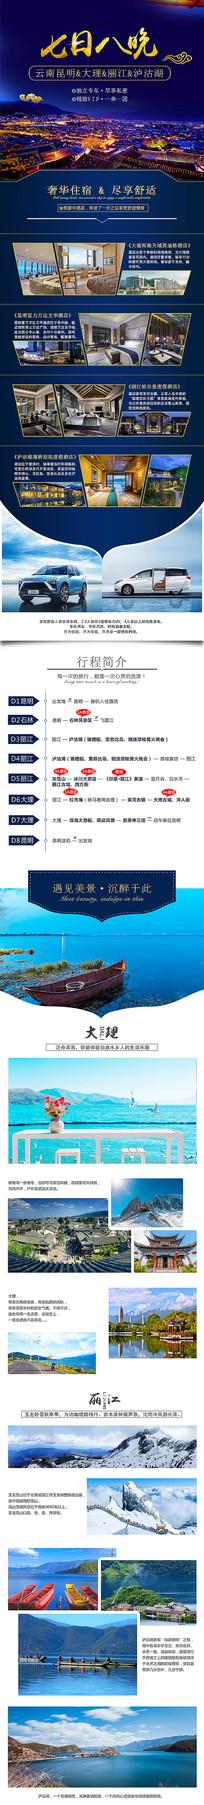 云南旅游详情页模板